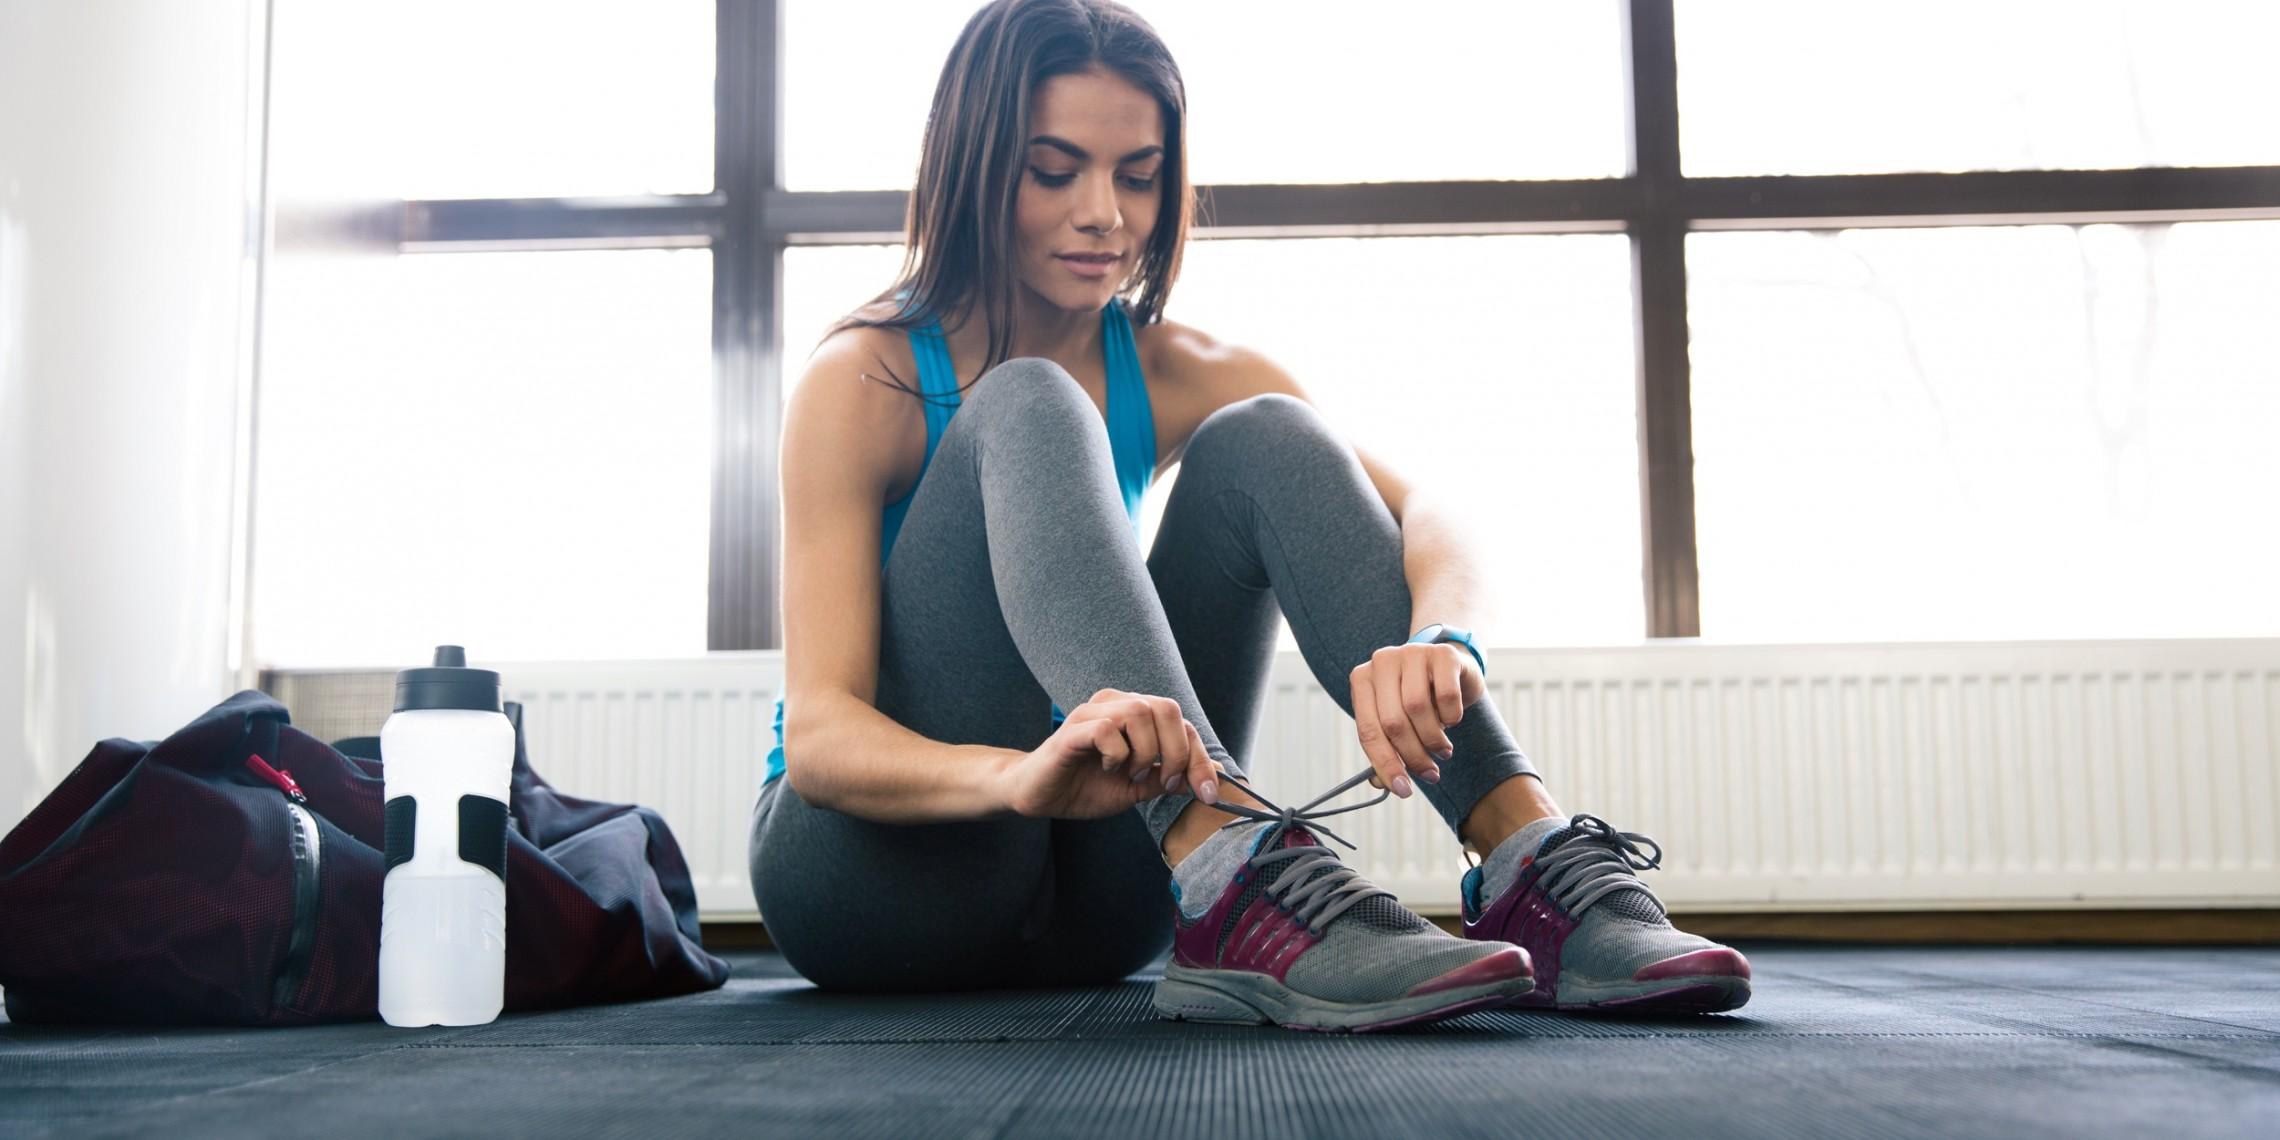 Рекомендации по составлению фитнес-программ